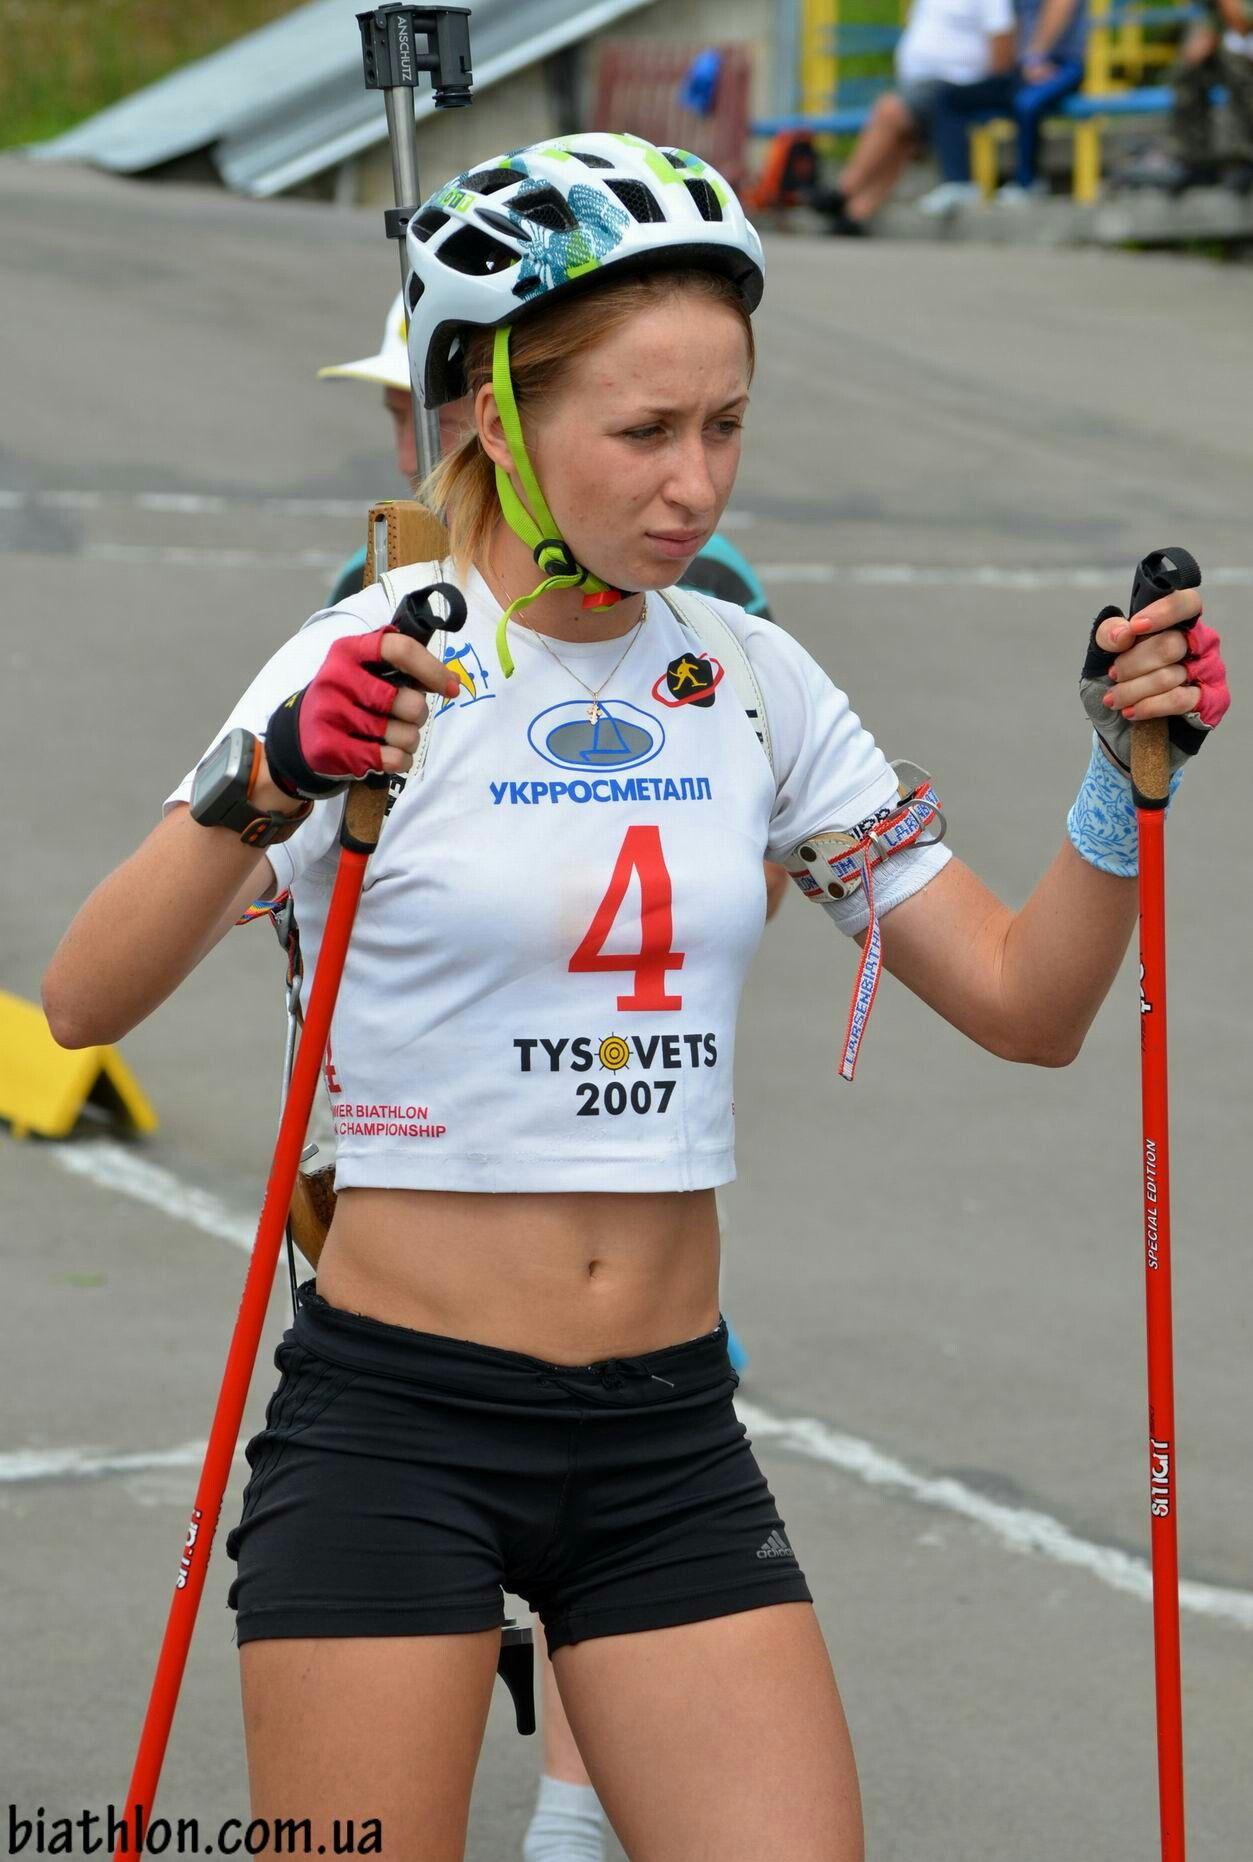 Eckhoff Biathlon